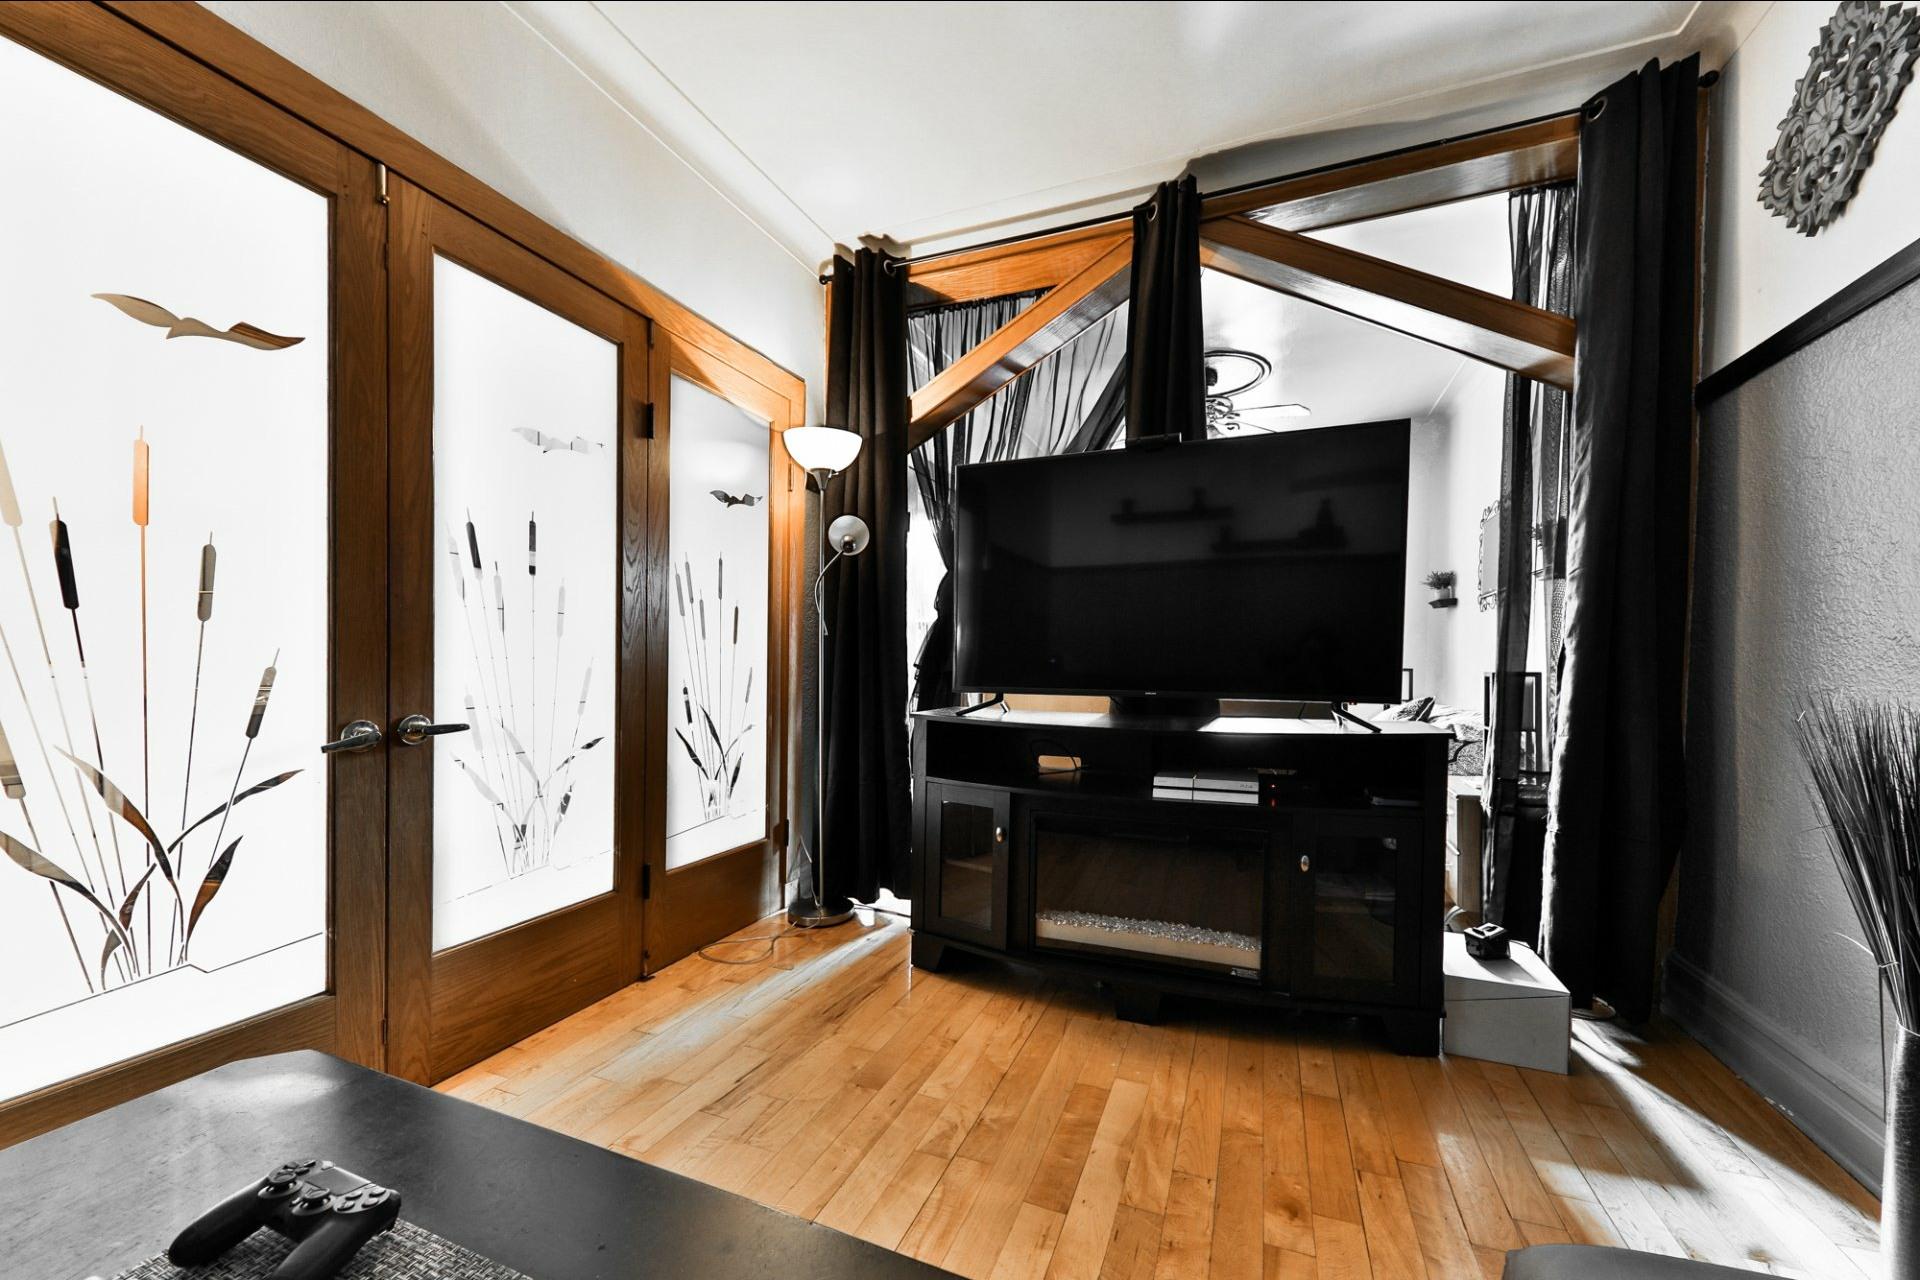 image 8 - Duplex À vendre Le Sud-Ouest Montréal  - 5 pièces